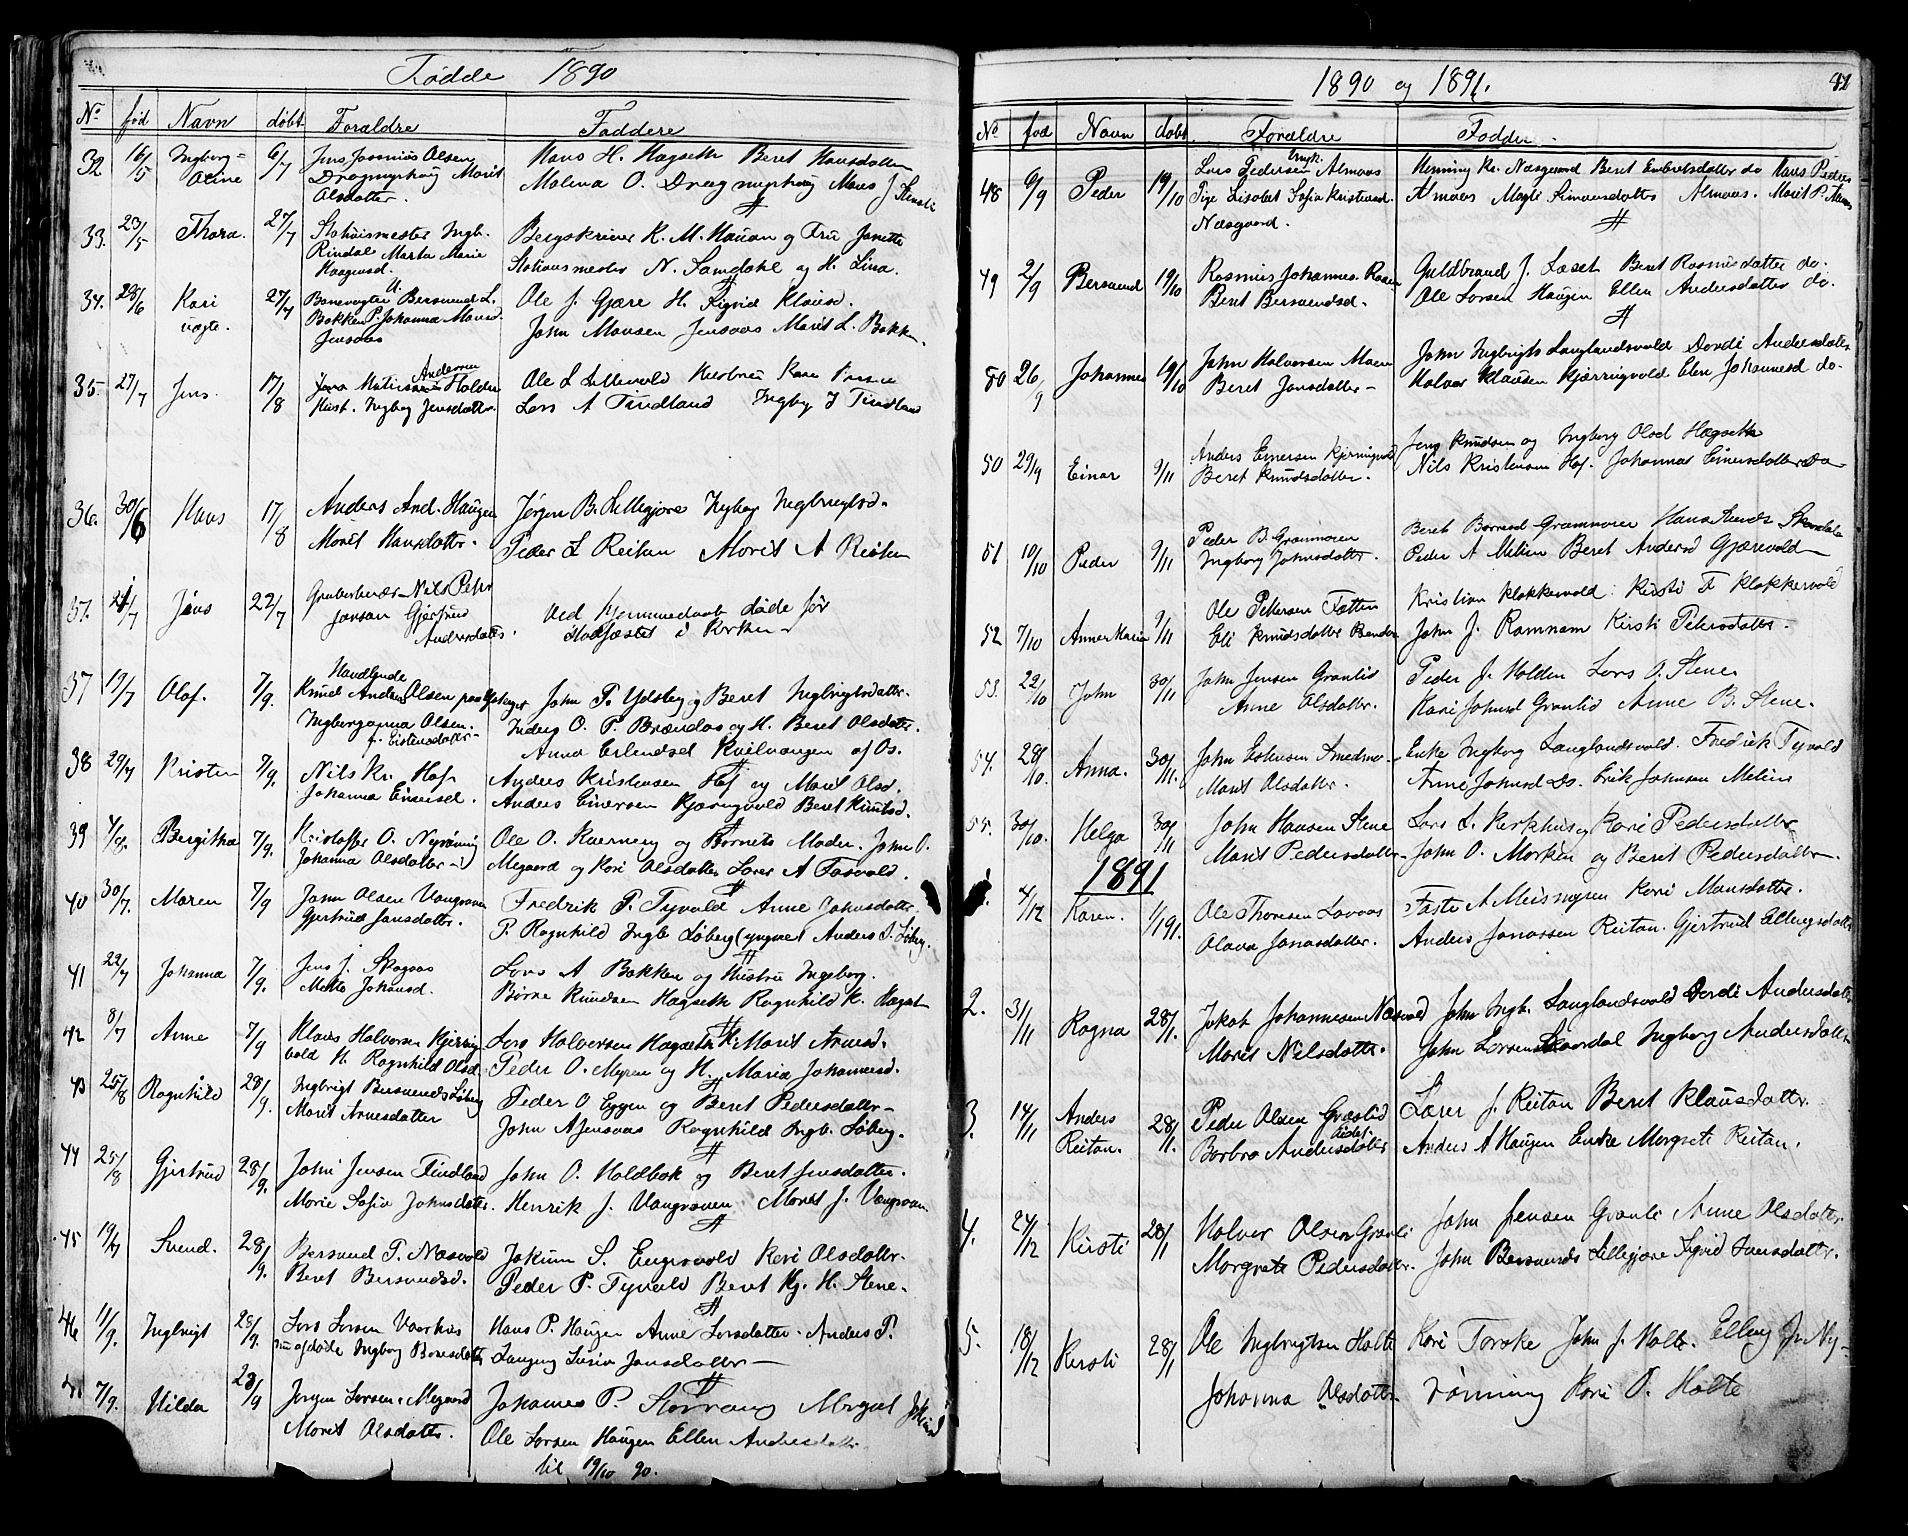 SAT, Ministerialprotokoller, klokkerbøker og fødselsregistre - Sør-Trøndelag, 686/L0985: Klokkerbok nr. 686C01, 1871-1933, s. 42